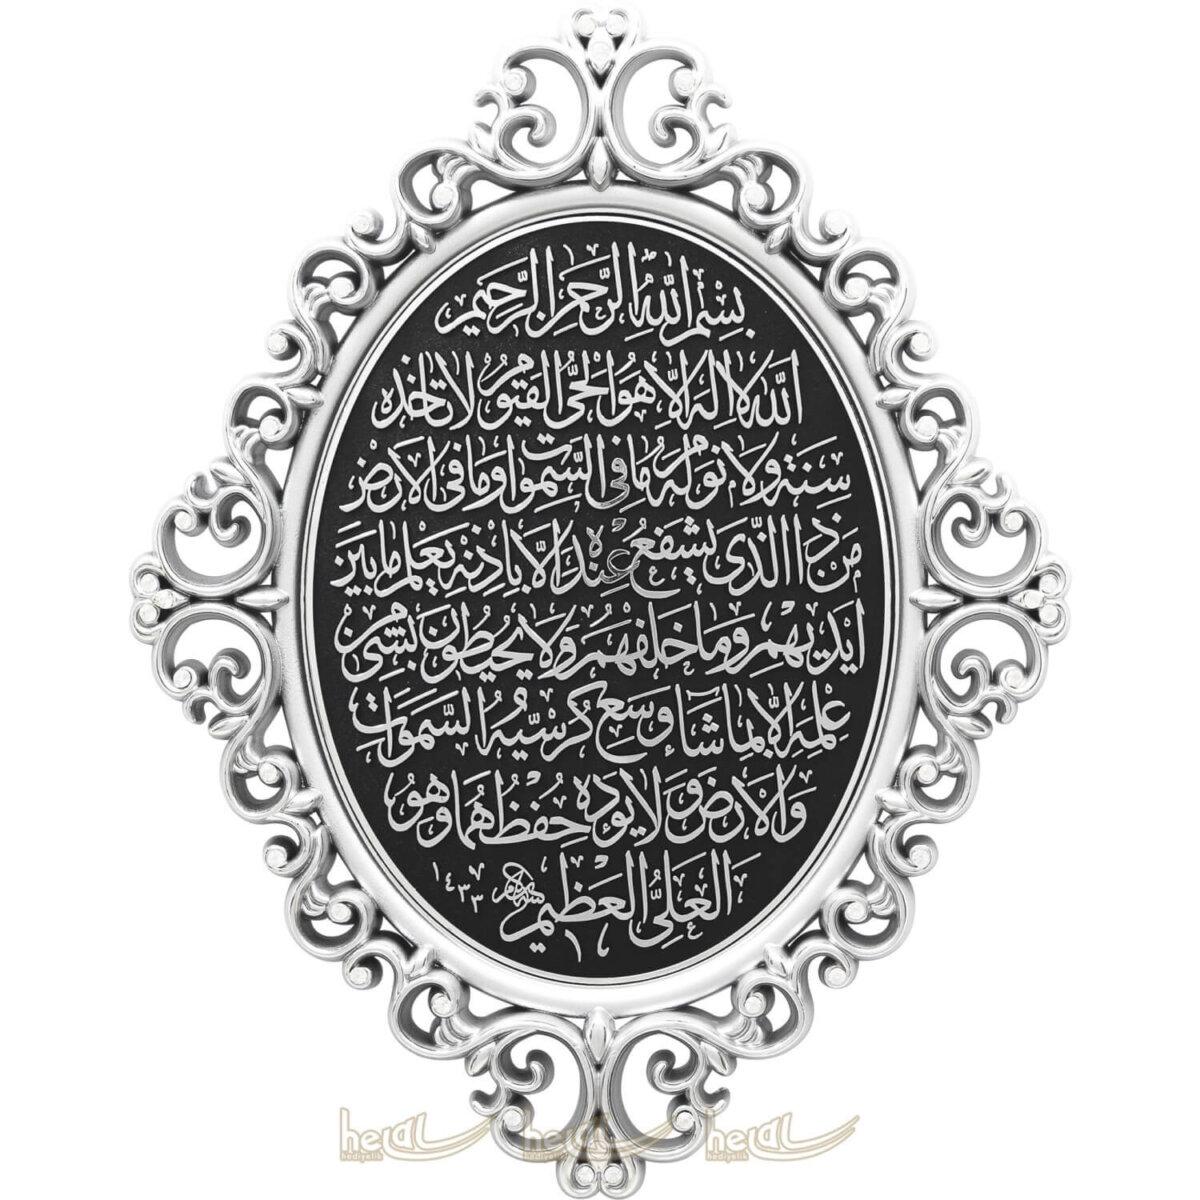 24x31cm Ayetel Kürsi Taşlı Osmanlı Motifli Modern Lüks Duvar Panosu Ayetli Ürünler